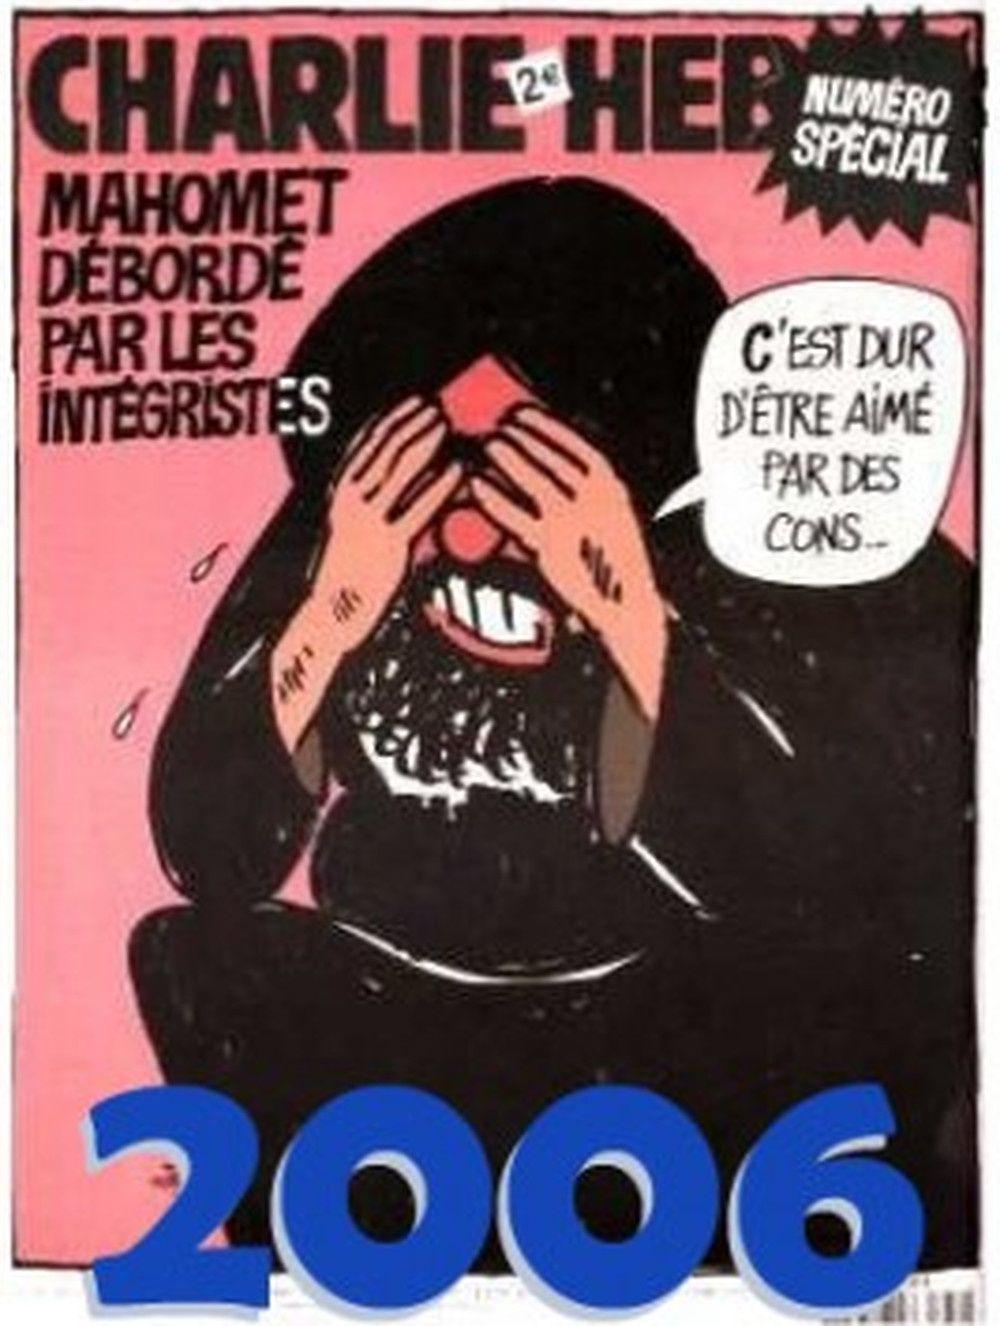 Charlie-Hebdo : c'est dur d'être aimé par des cons !